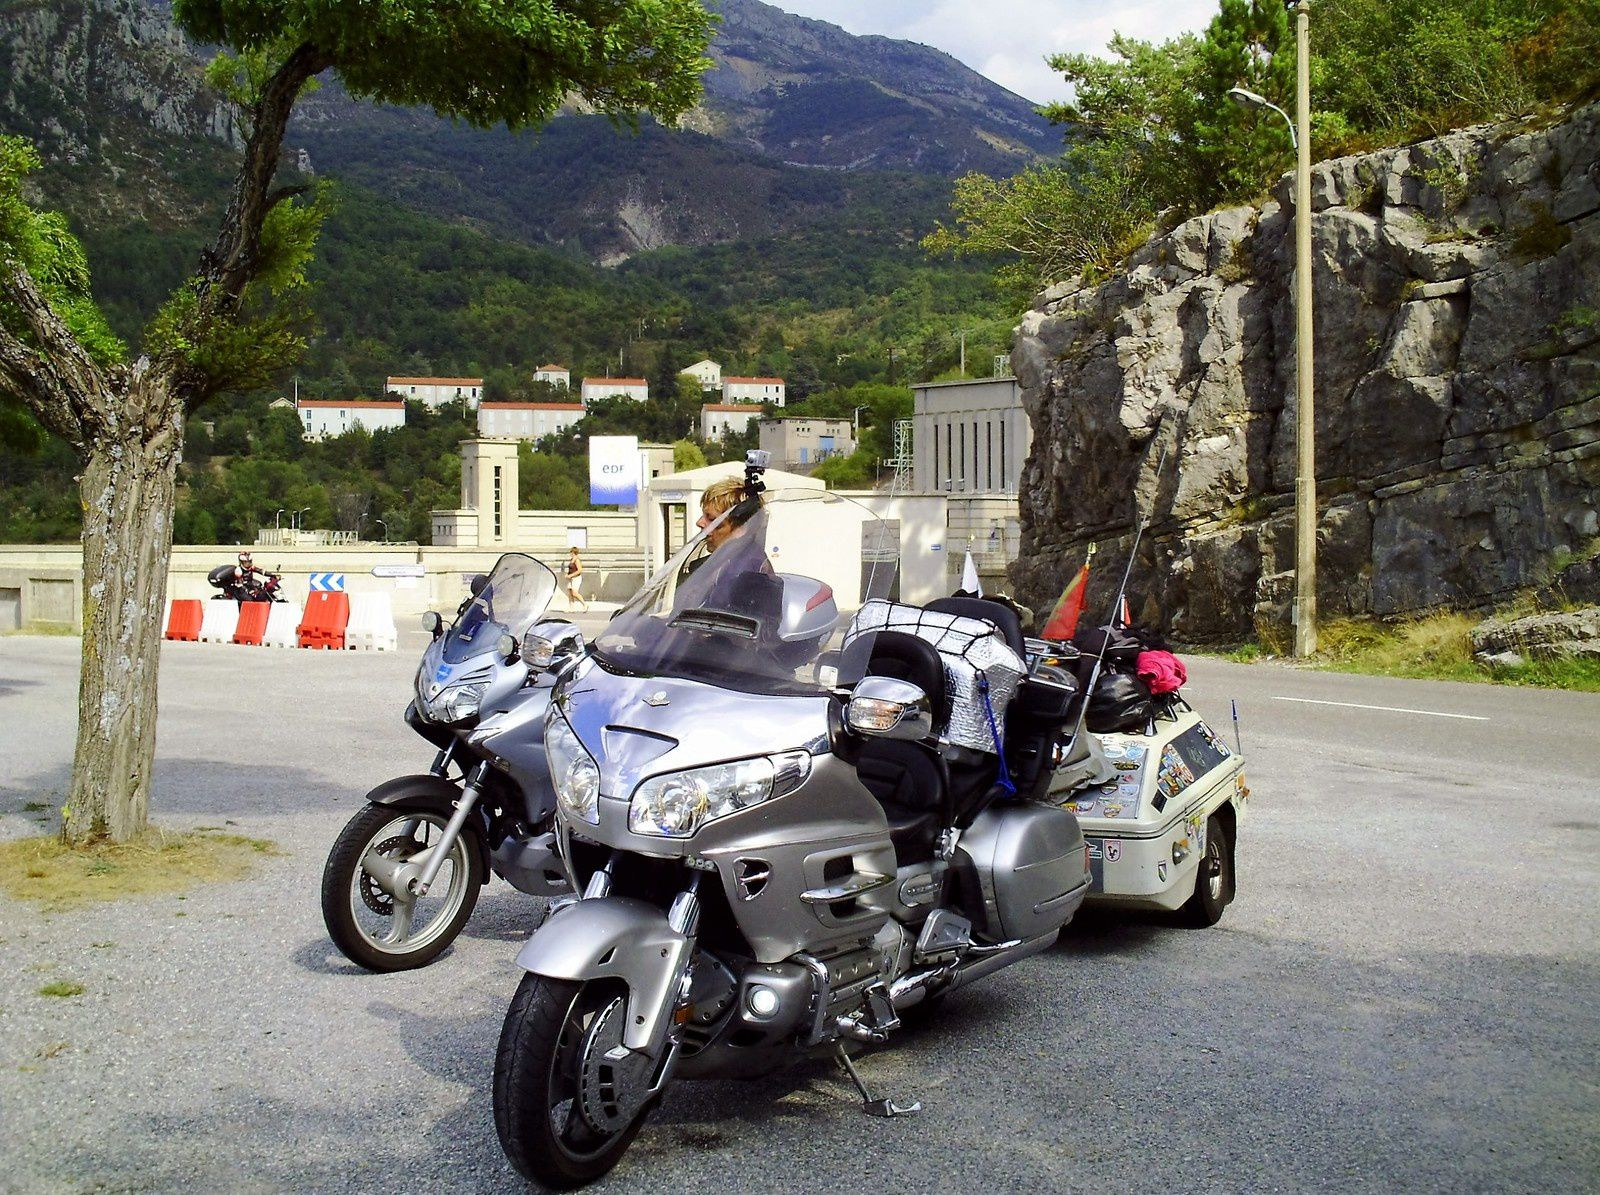 Goldwing - Notre voyage dans les Hautes-Alpes en Goldwing 1800 et Varadero 125 - 7ème jour 2/2